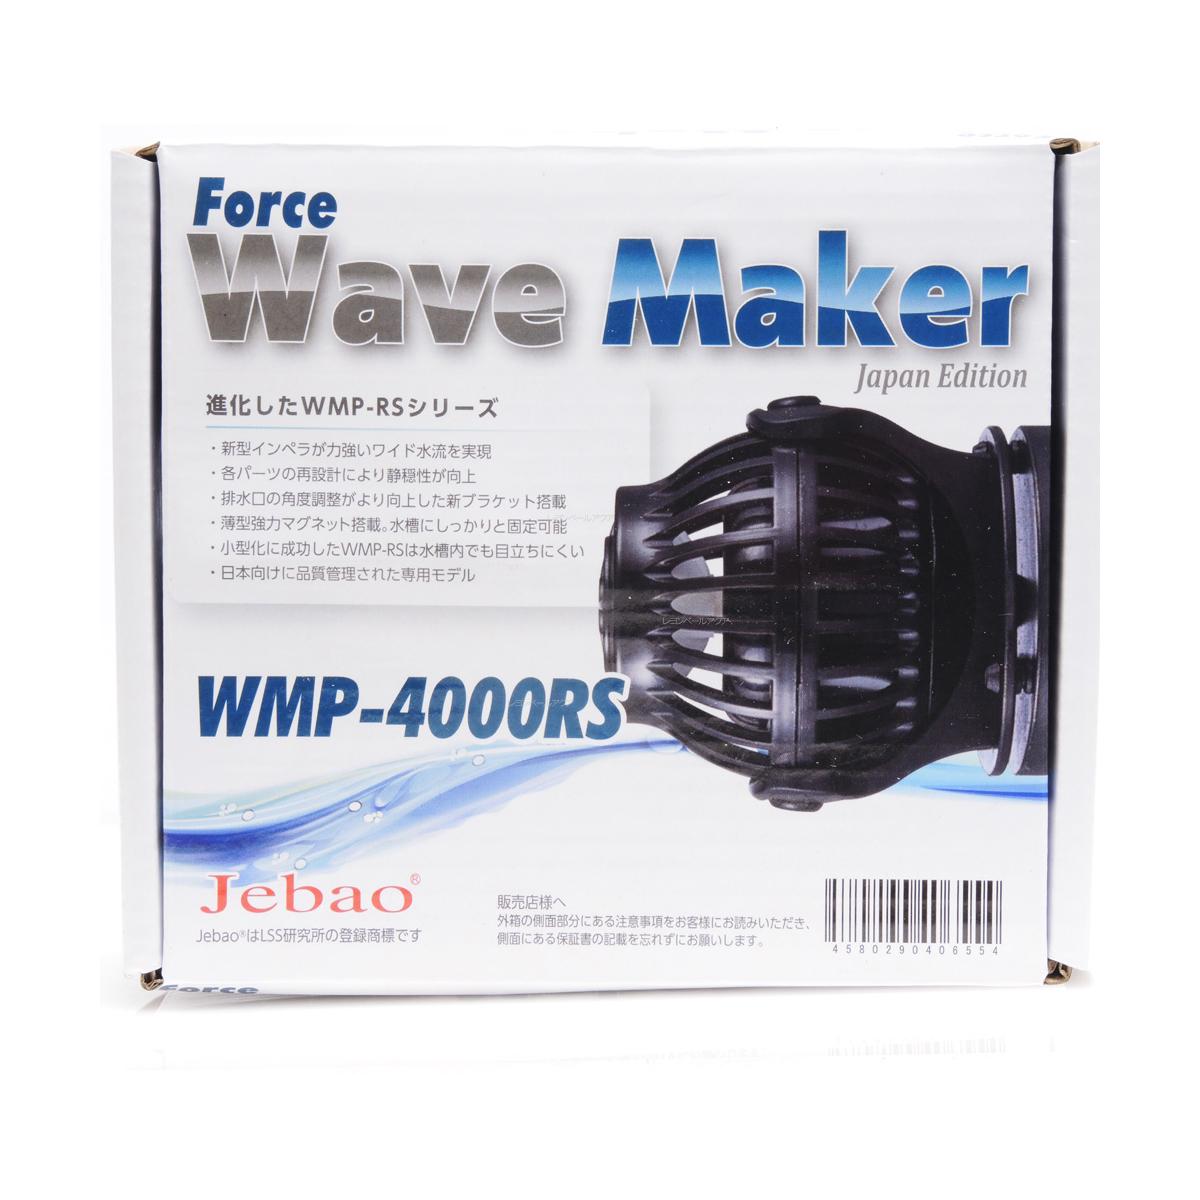 【送料無料】フォルス DCウェーブポンプ WMP4000RS (新商品)【在庫有り】 北海道沖縄別途送料